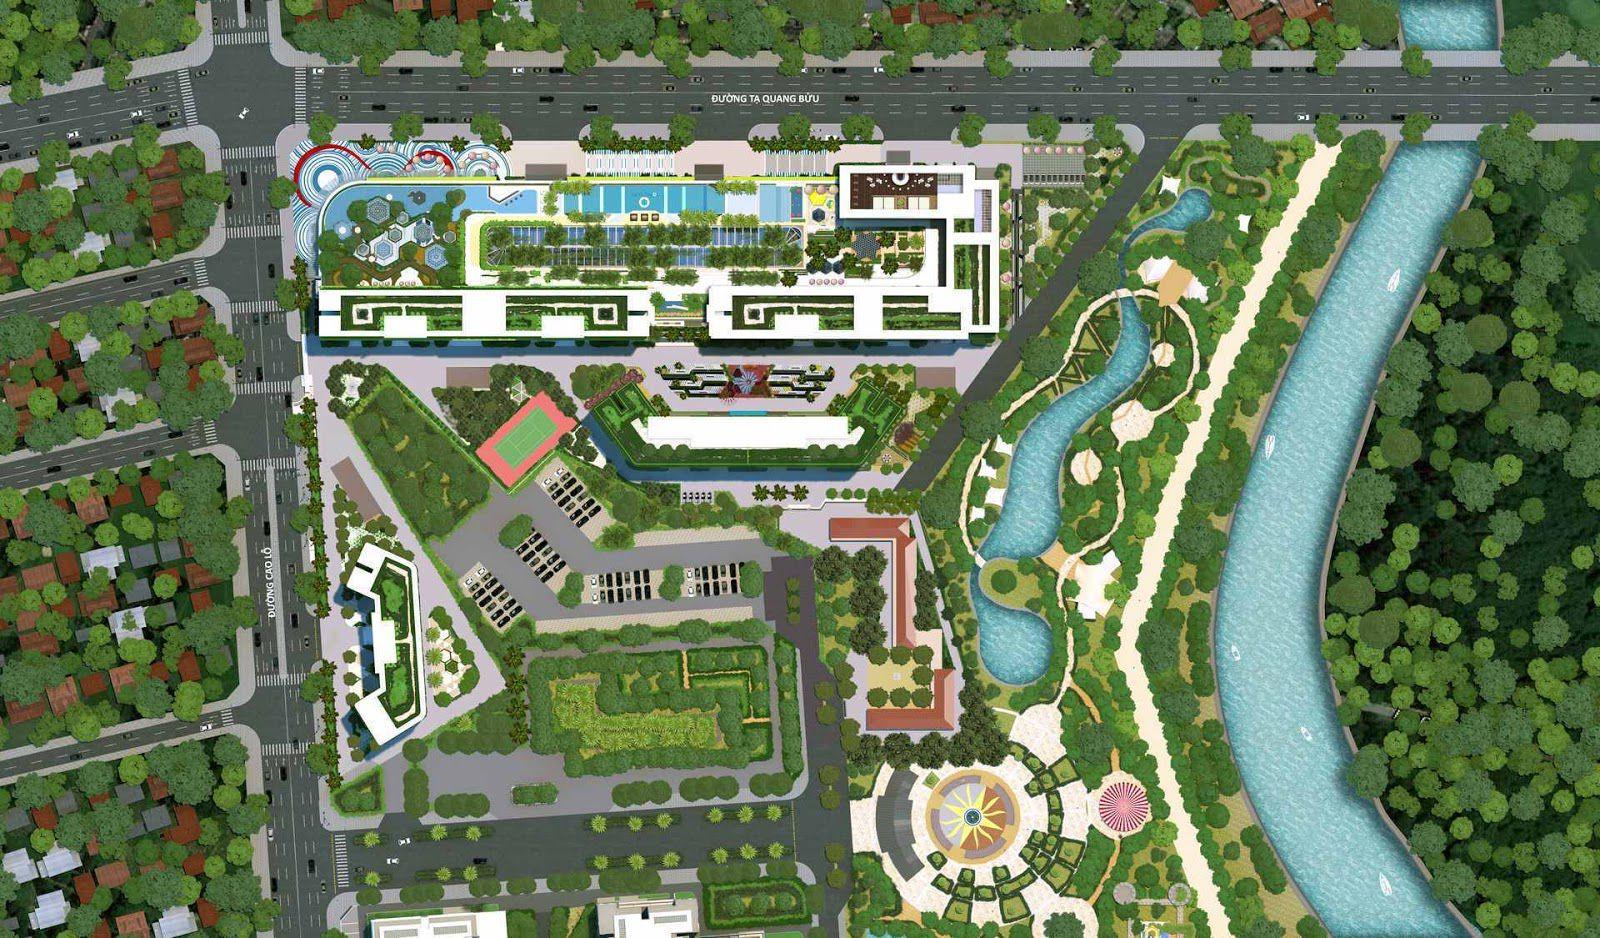 Phong cách thiết kế và loại hình căn hộ Raemian City